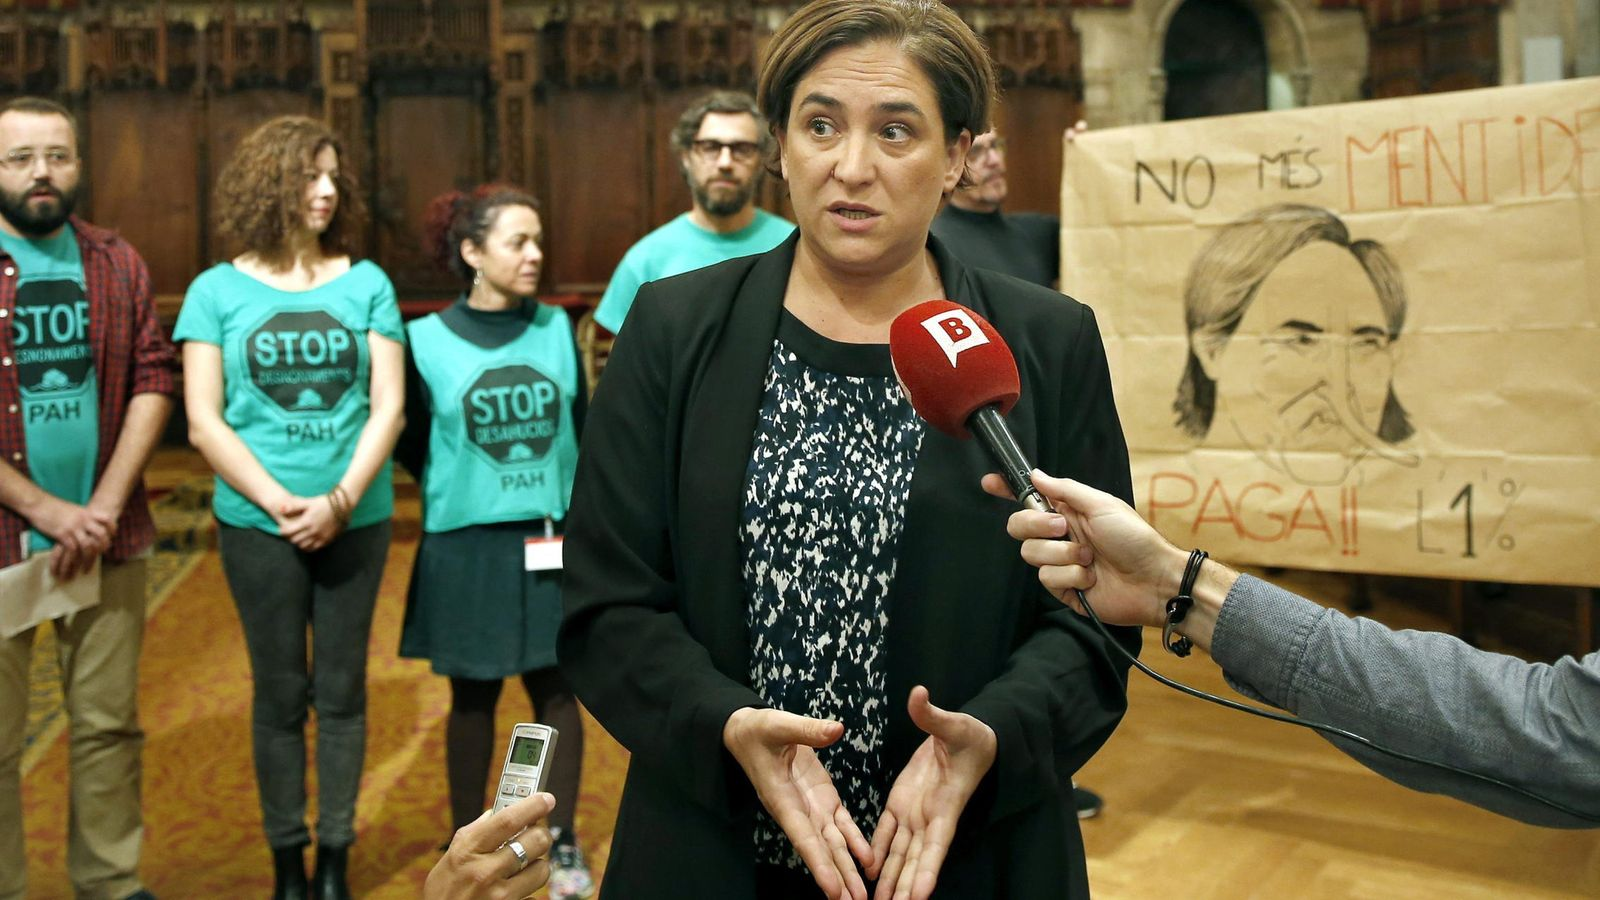 Foto: La alcaldesa de Barcelona, Ada Colau, junto a los representantes de la Plataforma de Afectados por la Hipoteca (PAH). (Efe)